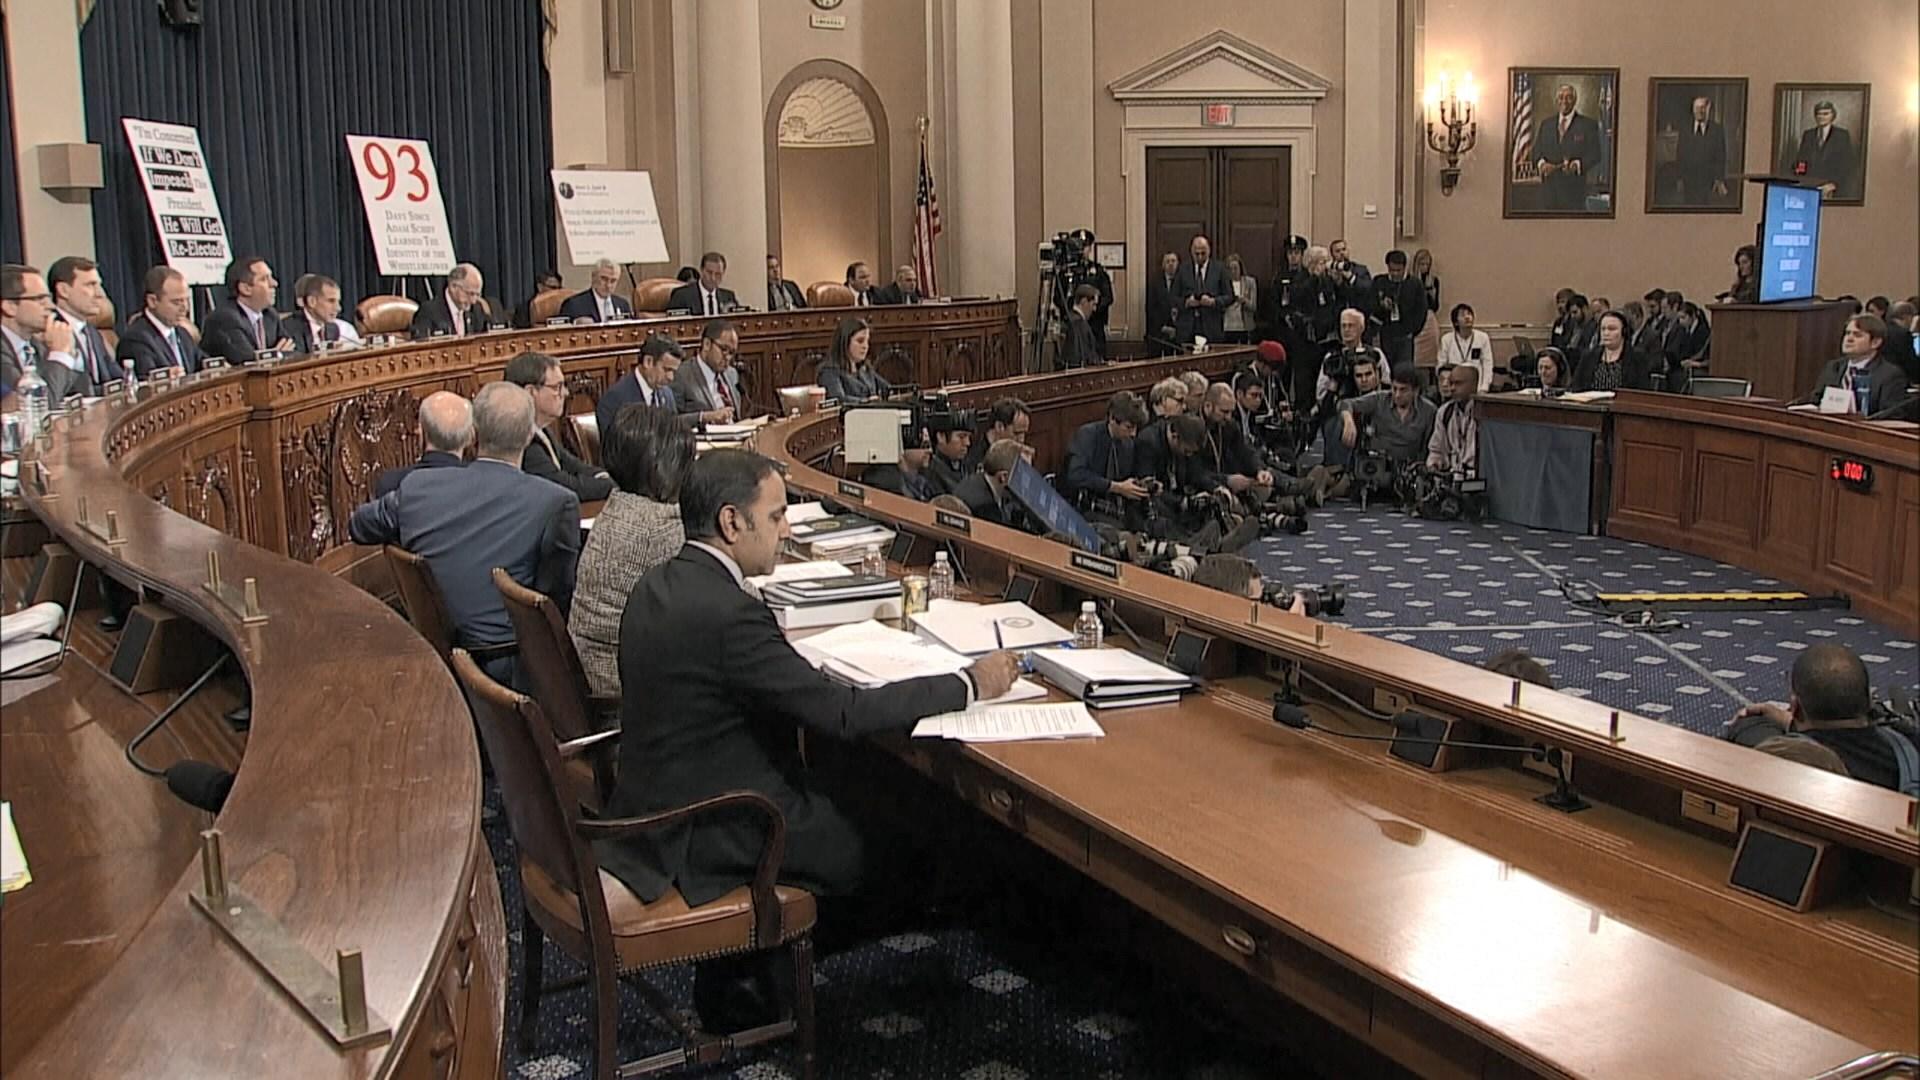 美國彈劾總統調查首場公開聽證會